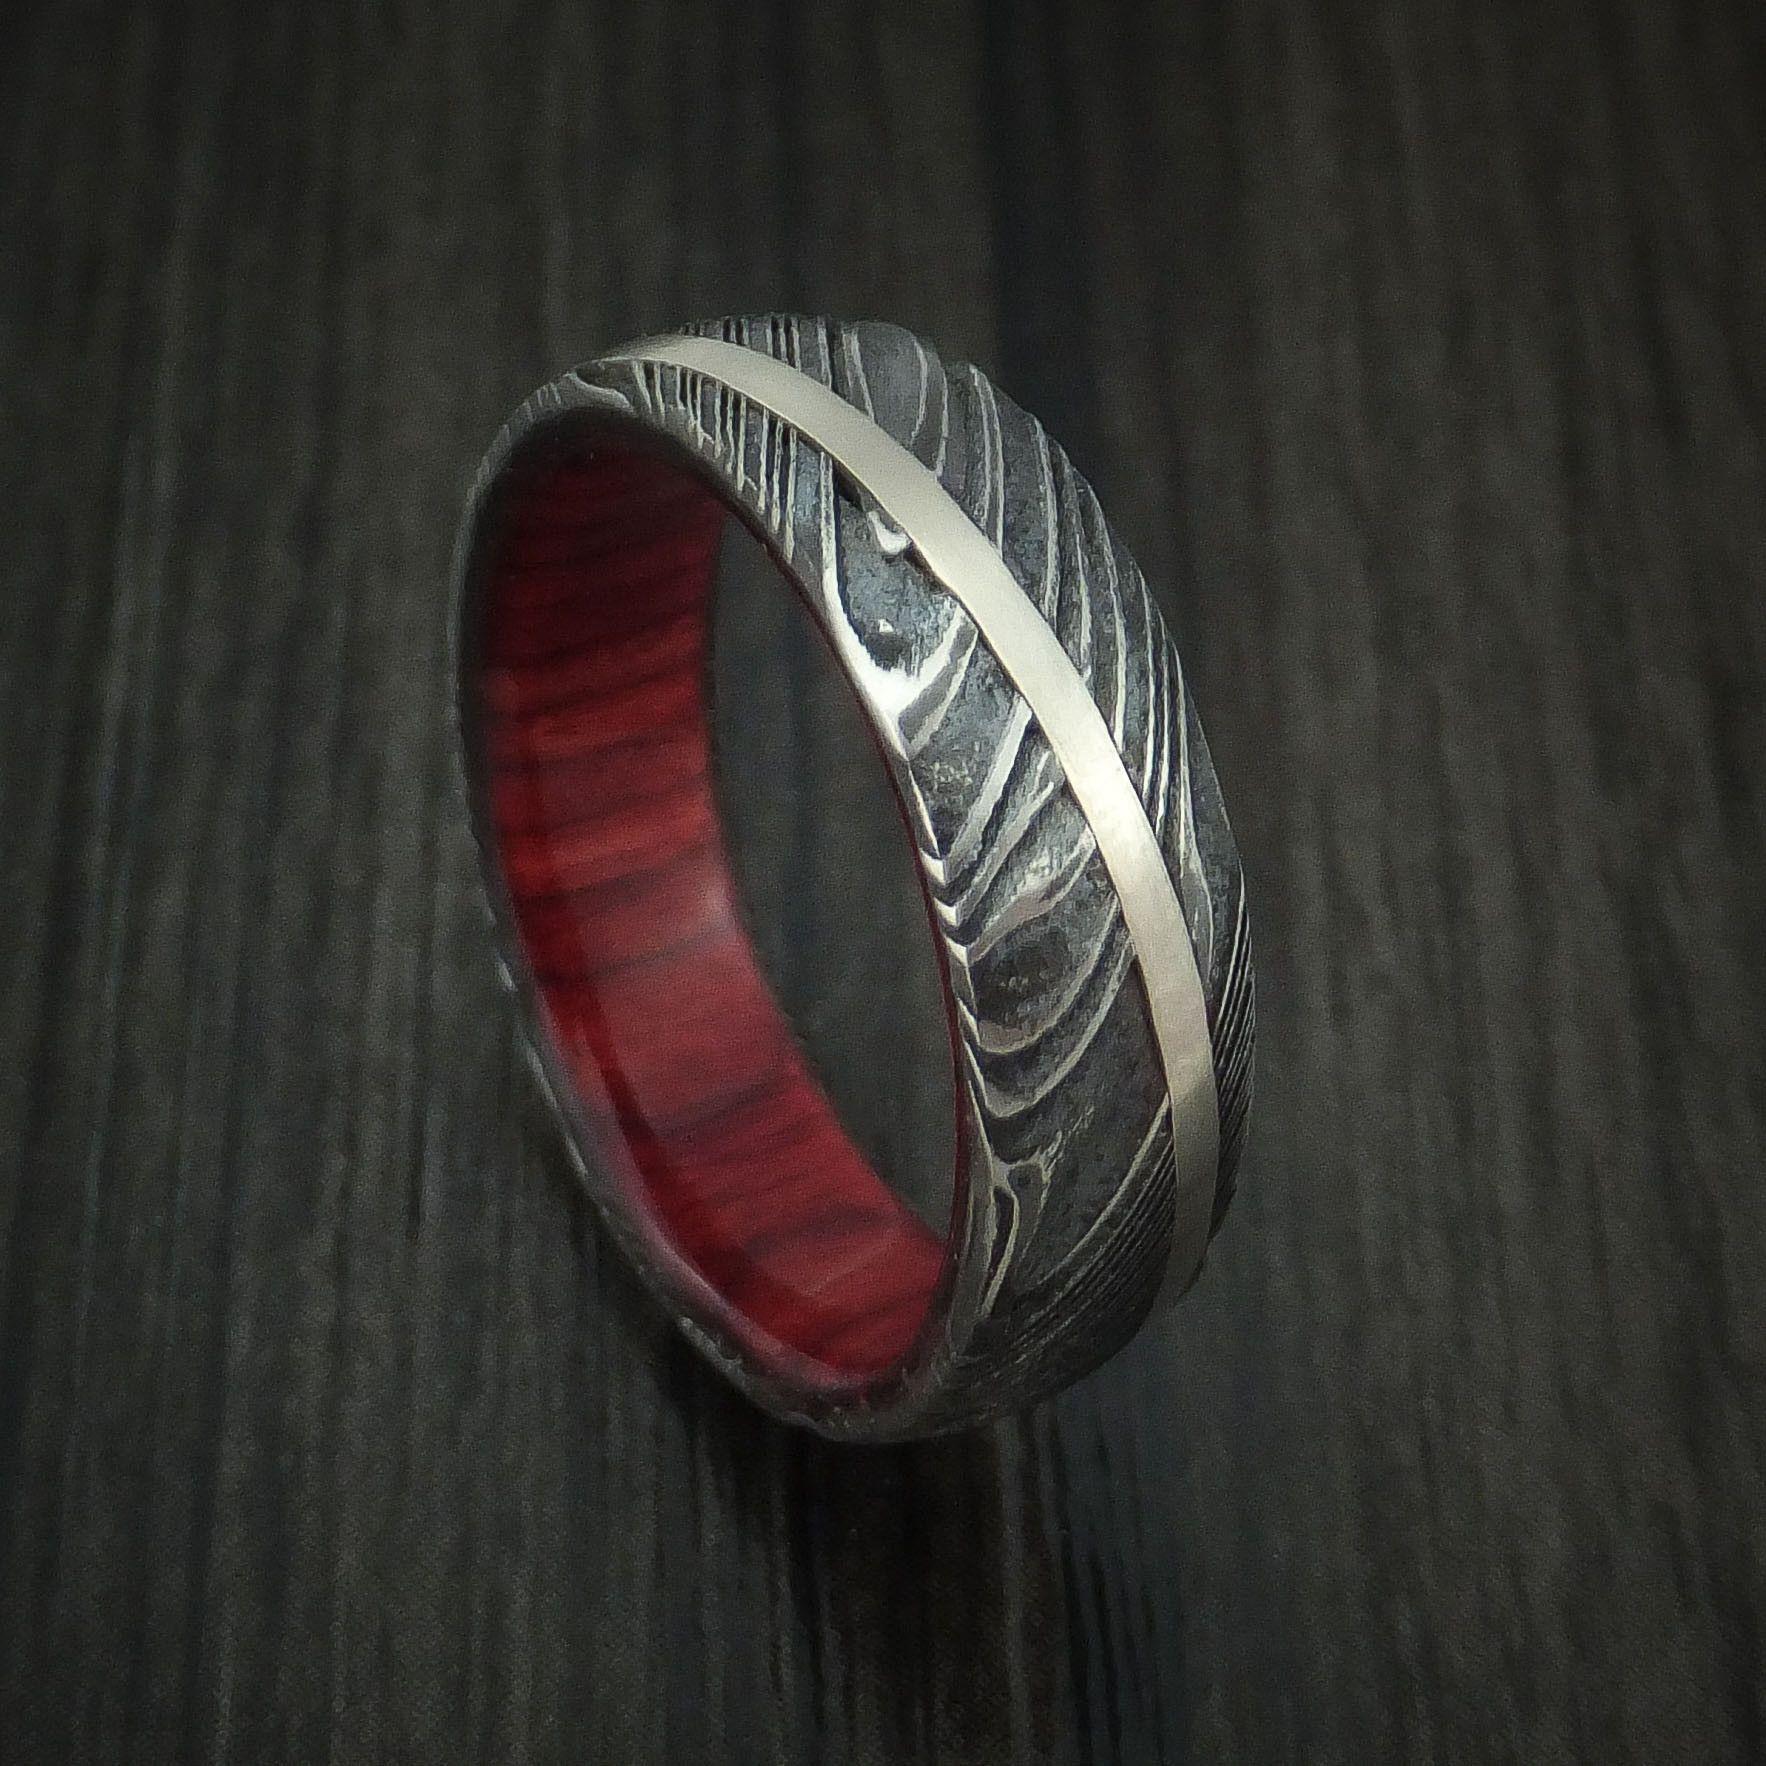 Kuro Damascus Steel Diagonal 14K White Gold Ring Wedding Band Wood